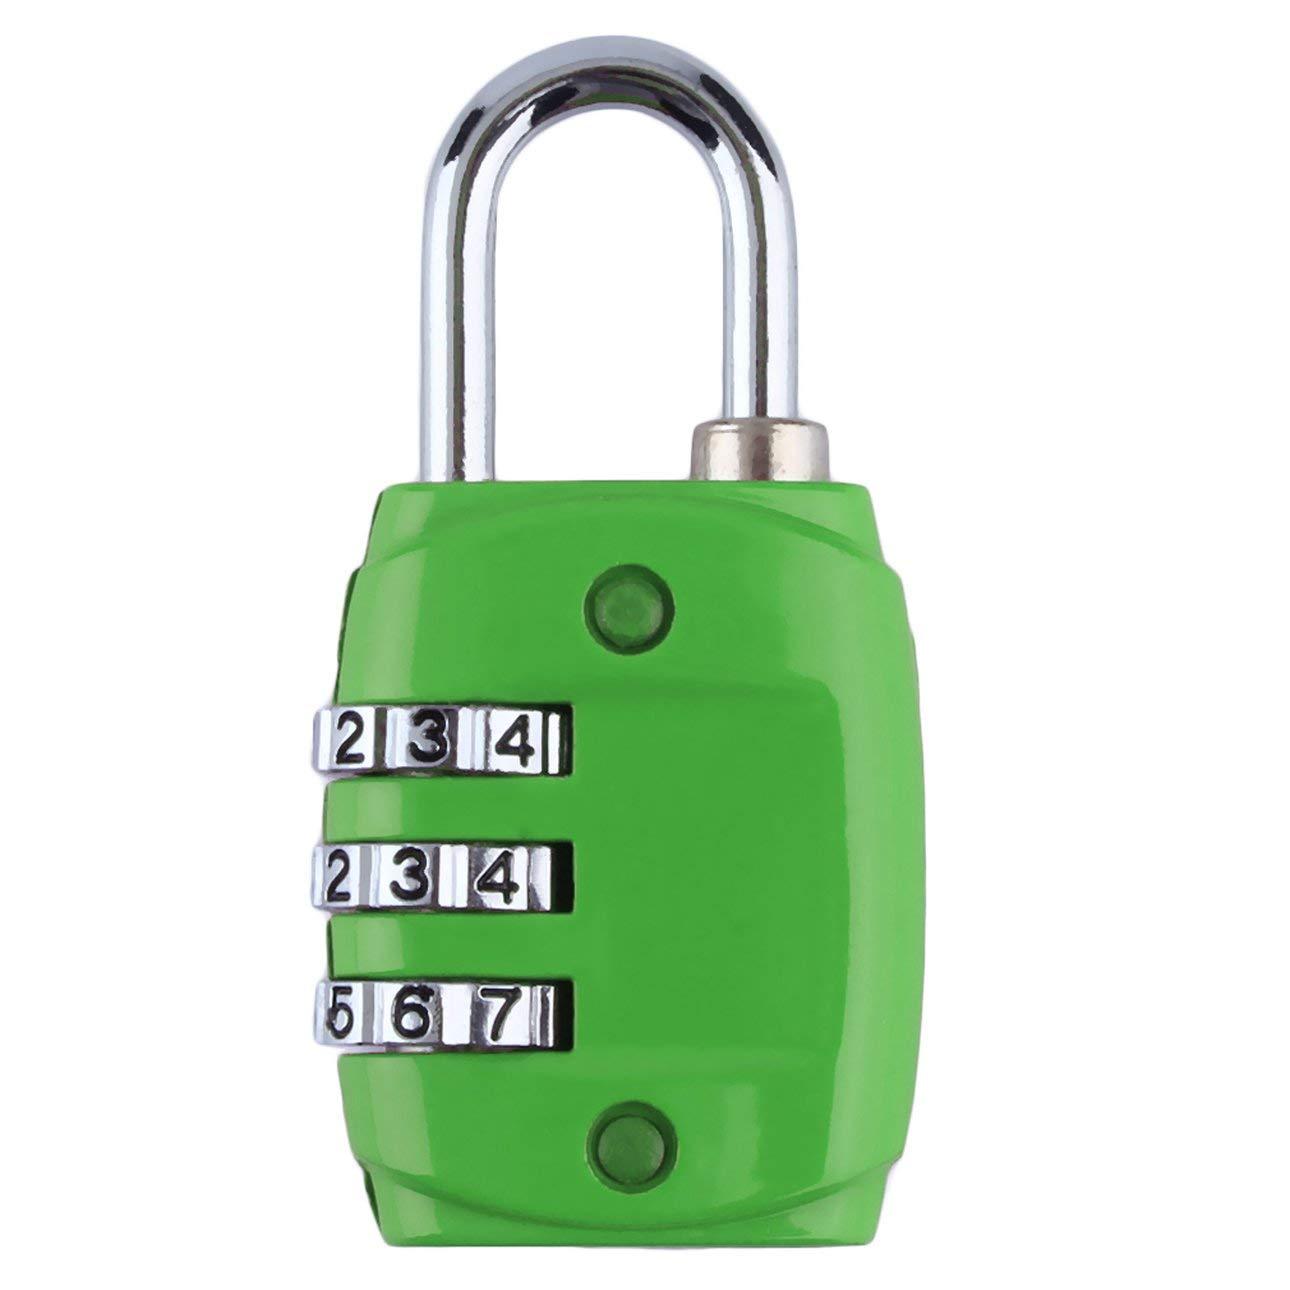 Ballylelly Aleaci/ón de zinc Seguridad 3 D/ígitos N/úmero de c/ódigo de combinaci/ón Candado de bloqueo Para equipaje Cremallera Mochila Bolso Caj/ón de maleta